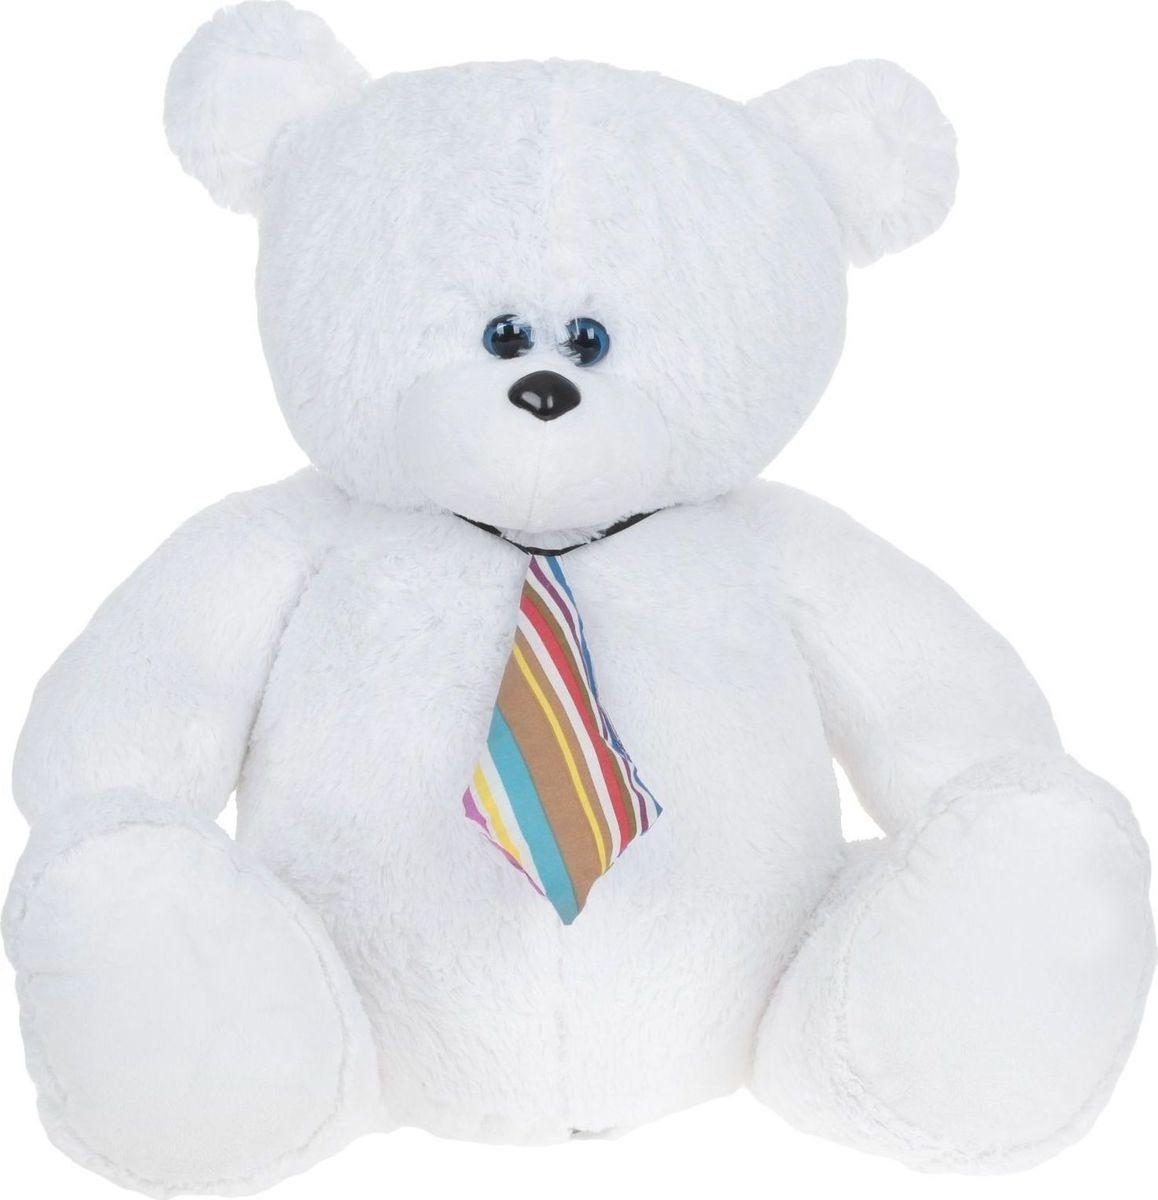 Купить Три мишки Мягкая игрушка Мишка Тедди цвет белый 63 см, Мягкие игрушки